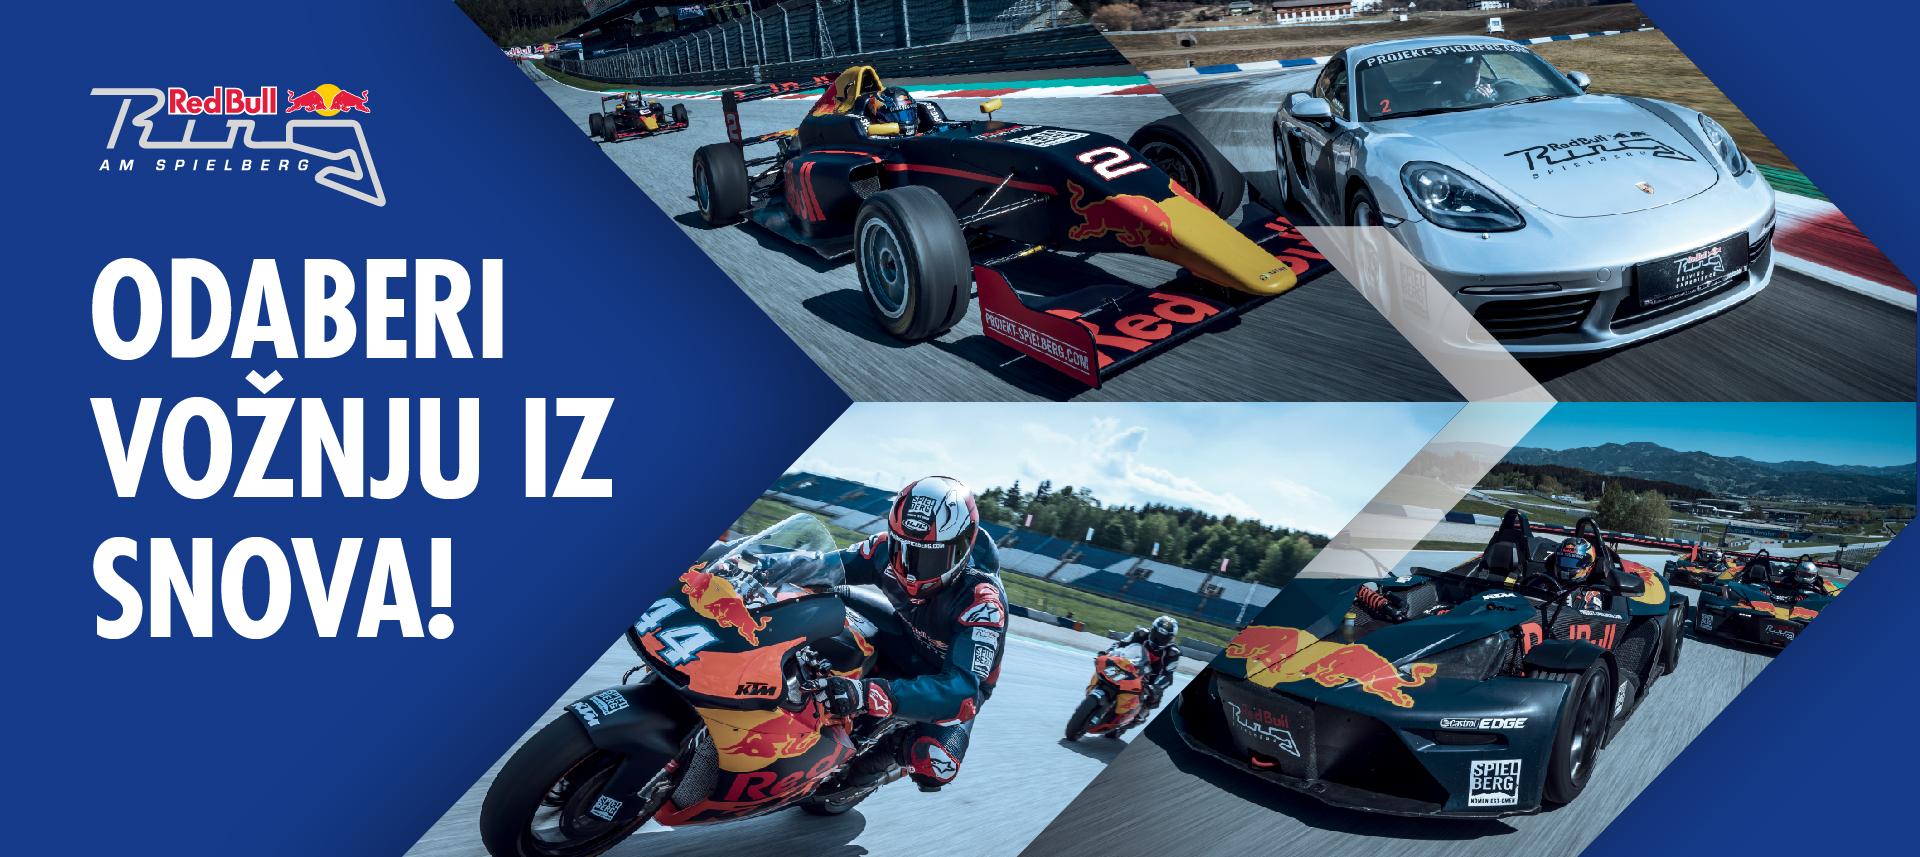 Nagradna igra - osvoji vrijedne Red Bull nagrade